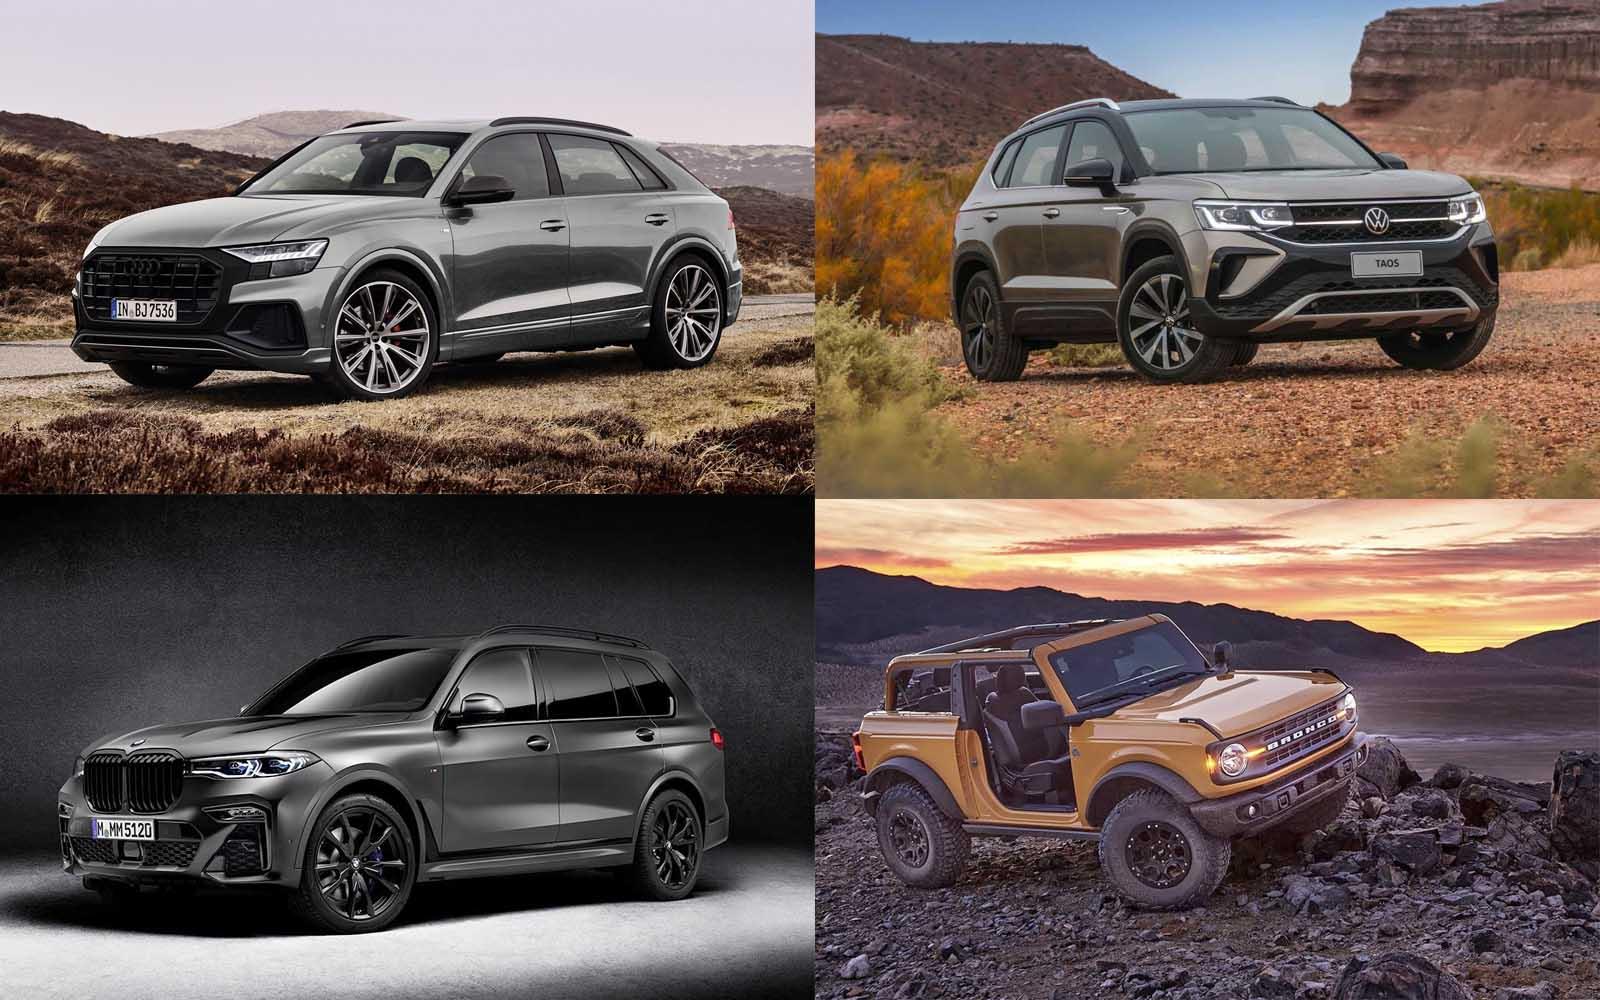 Novedades destacadas en todoterrenos y SUV: Audi, Ford, Volkswagen y BMW